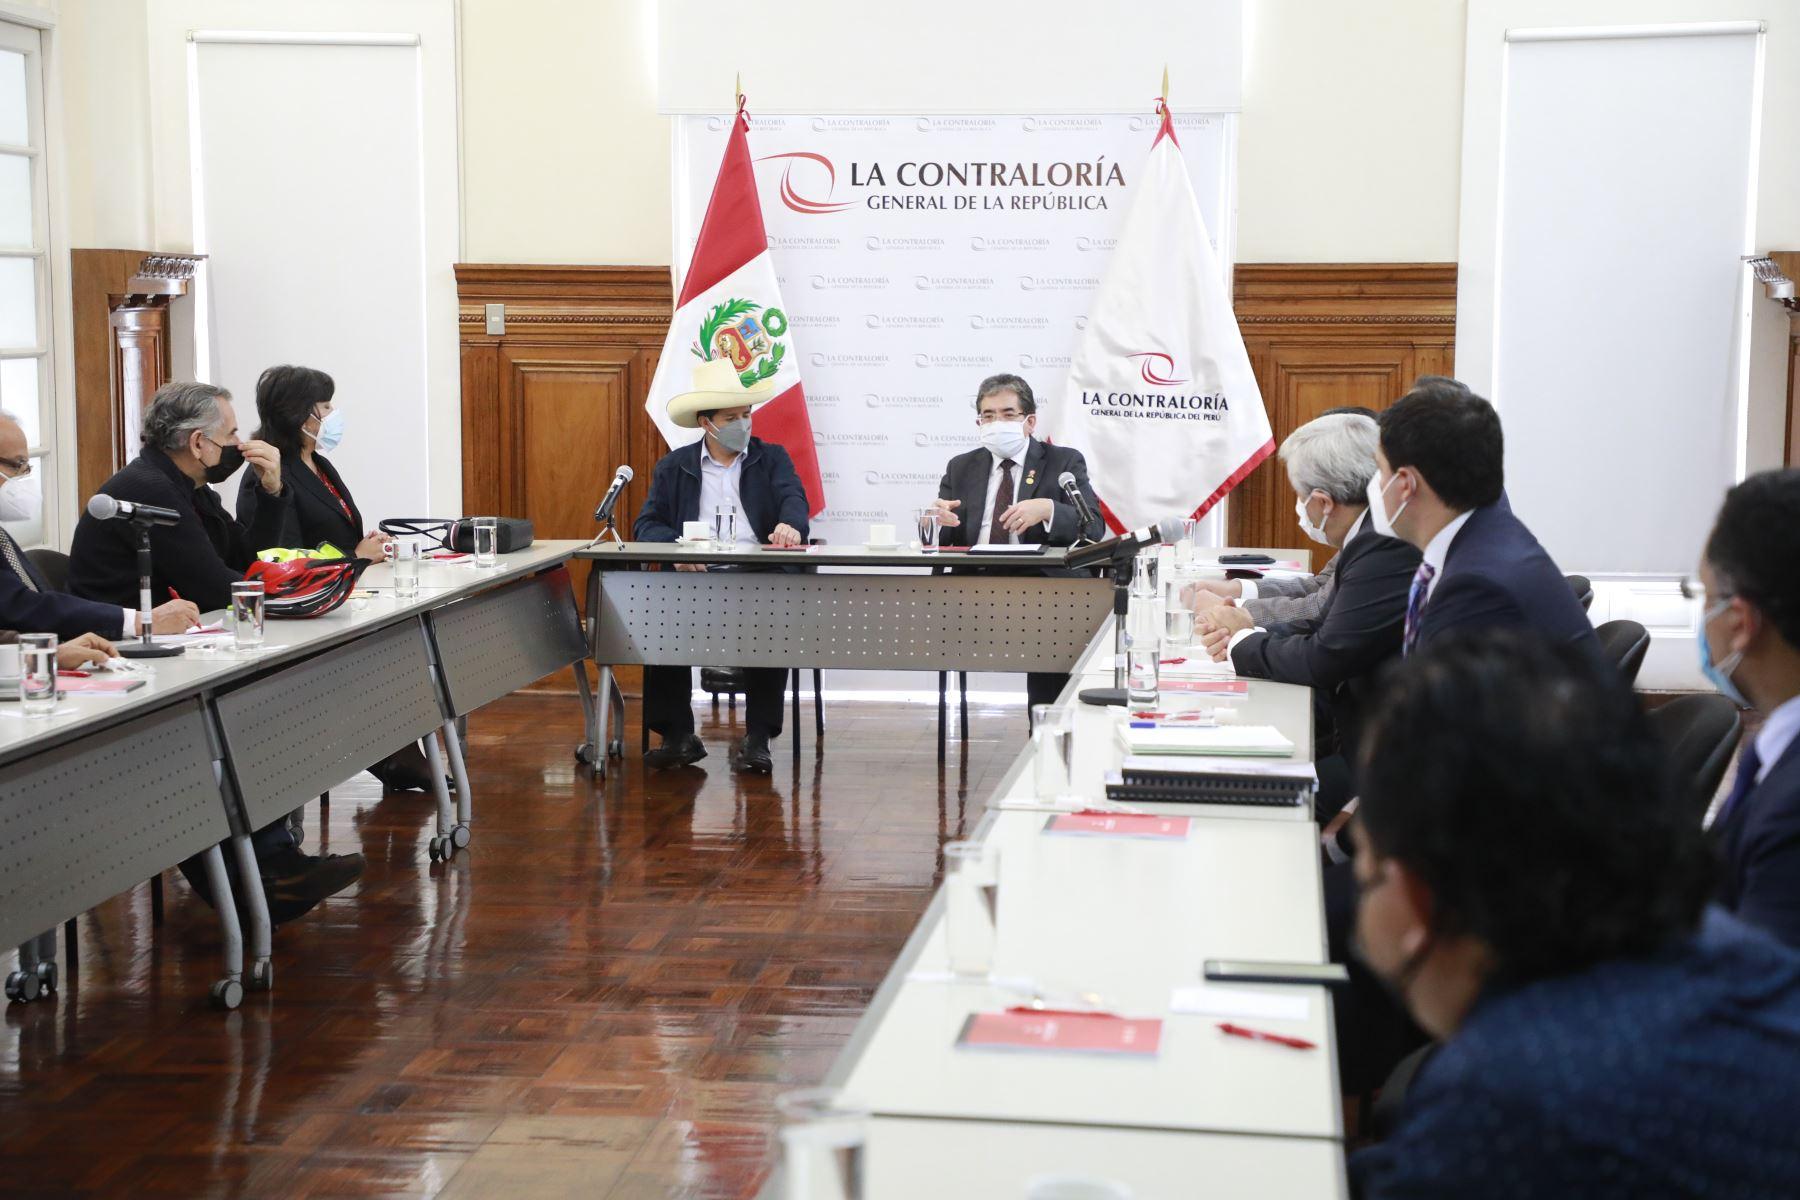 El presidente electo, Pedro Castillo, se reunió con el contralor general, Nelson Shack, para iniciar coordinación sobre el proceso de transferencia de gestión. Foto: Difusión